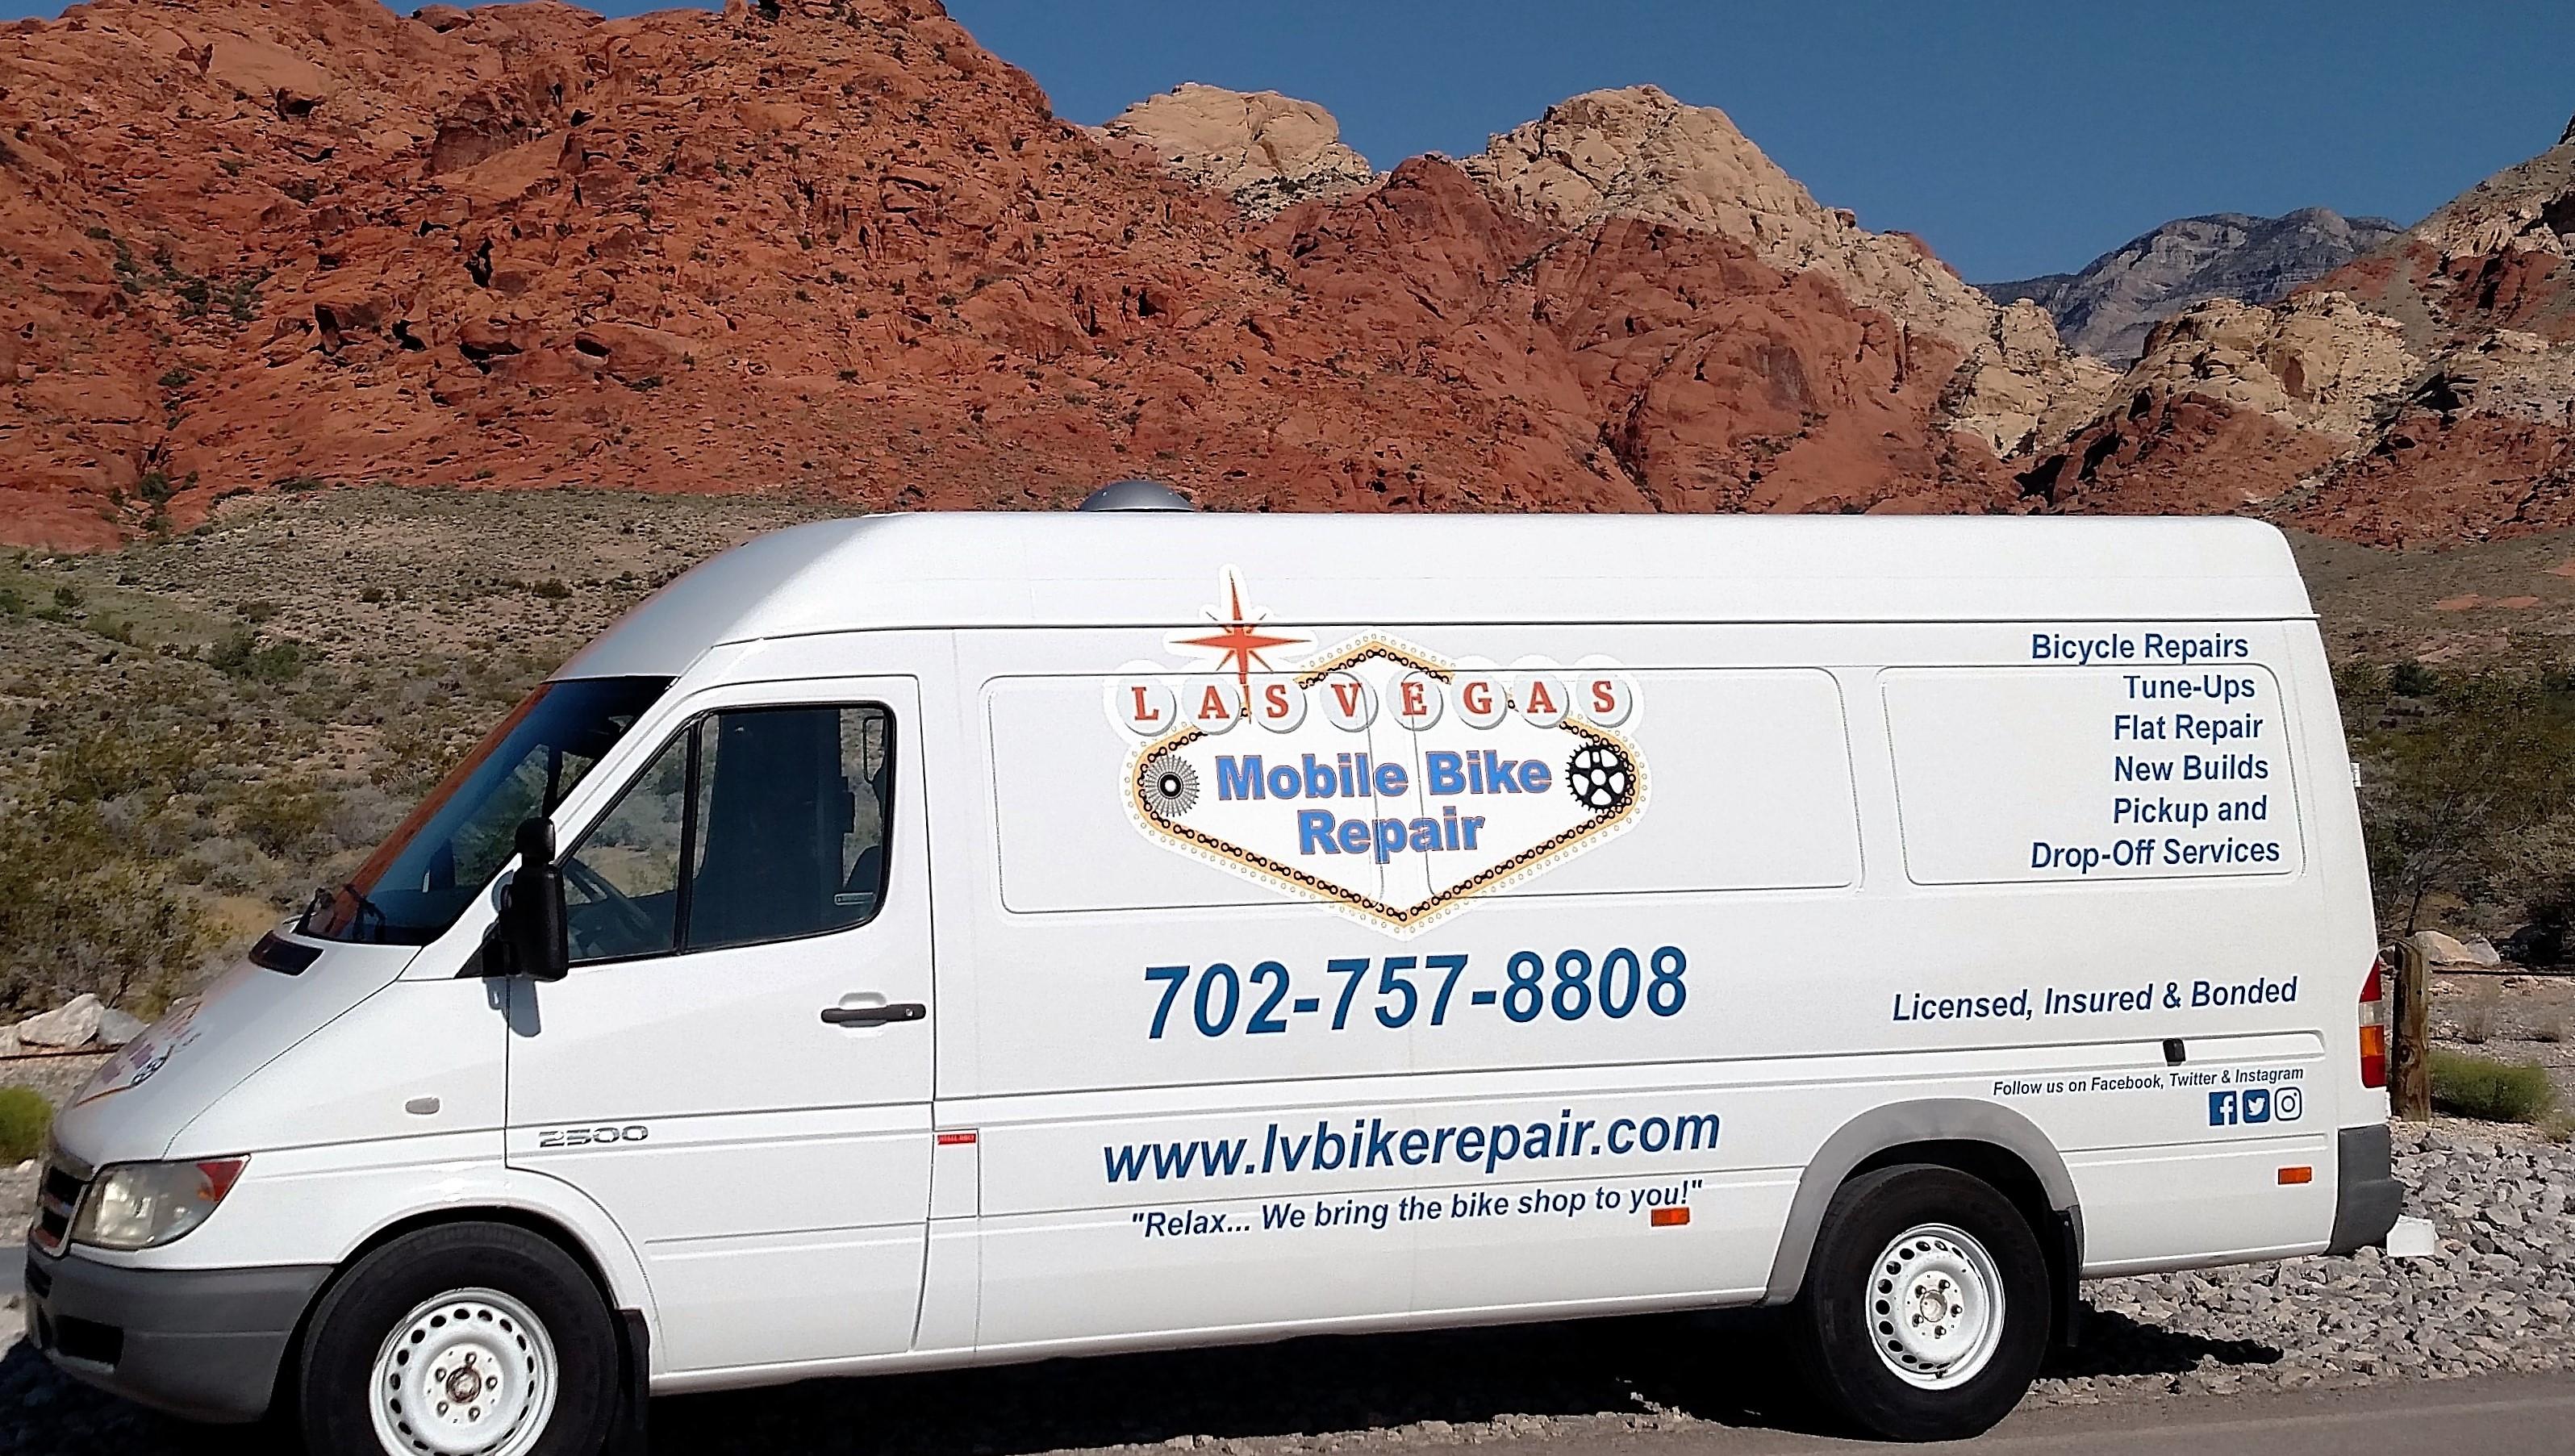 Las Vegas Mobile Bike Repair in Las Vegas, Nevada